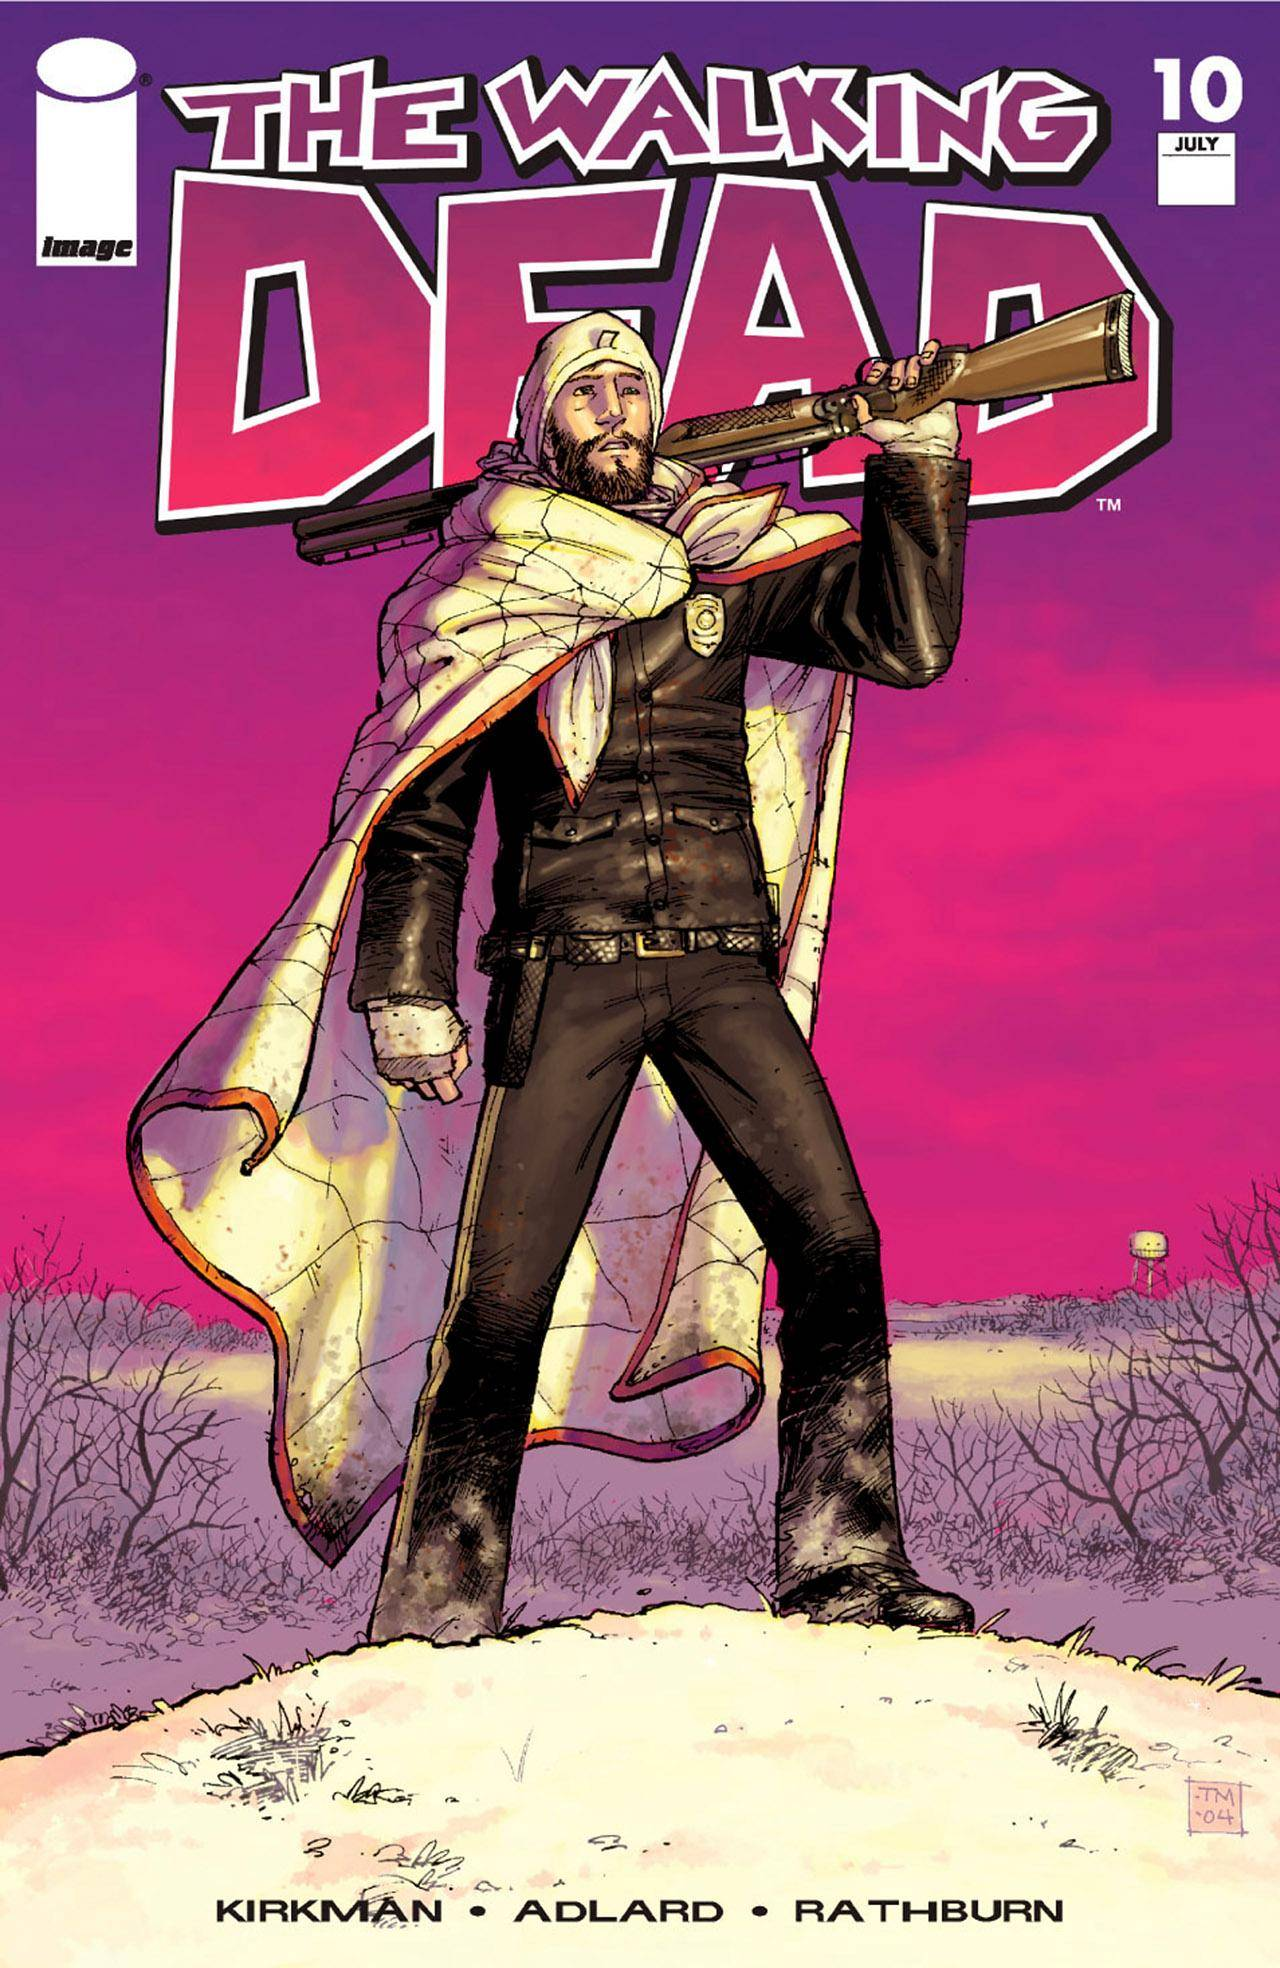 Walking Dead 010 2004 digital